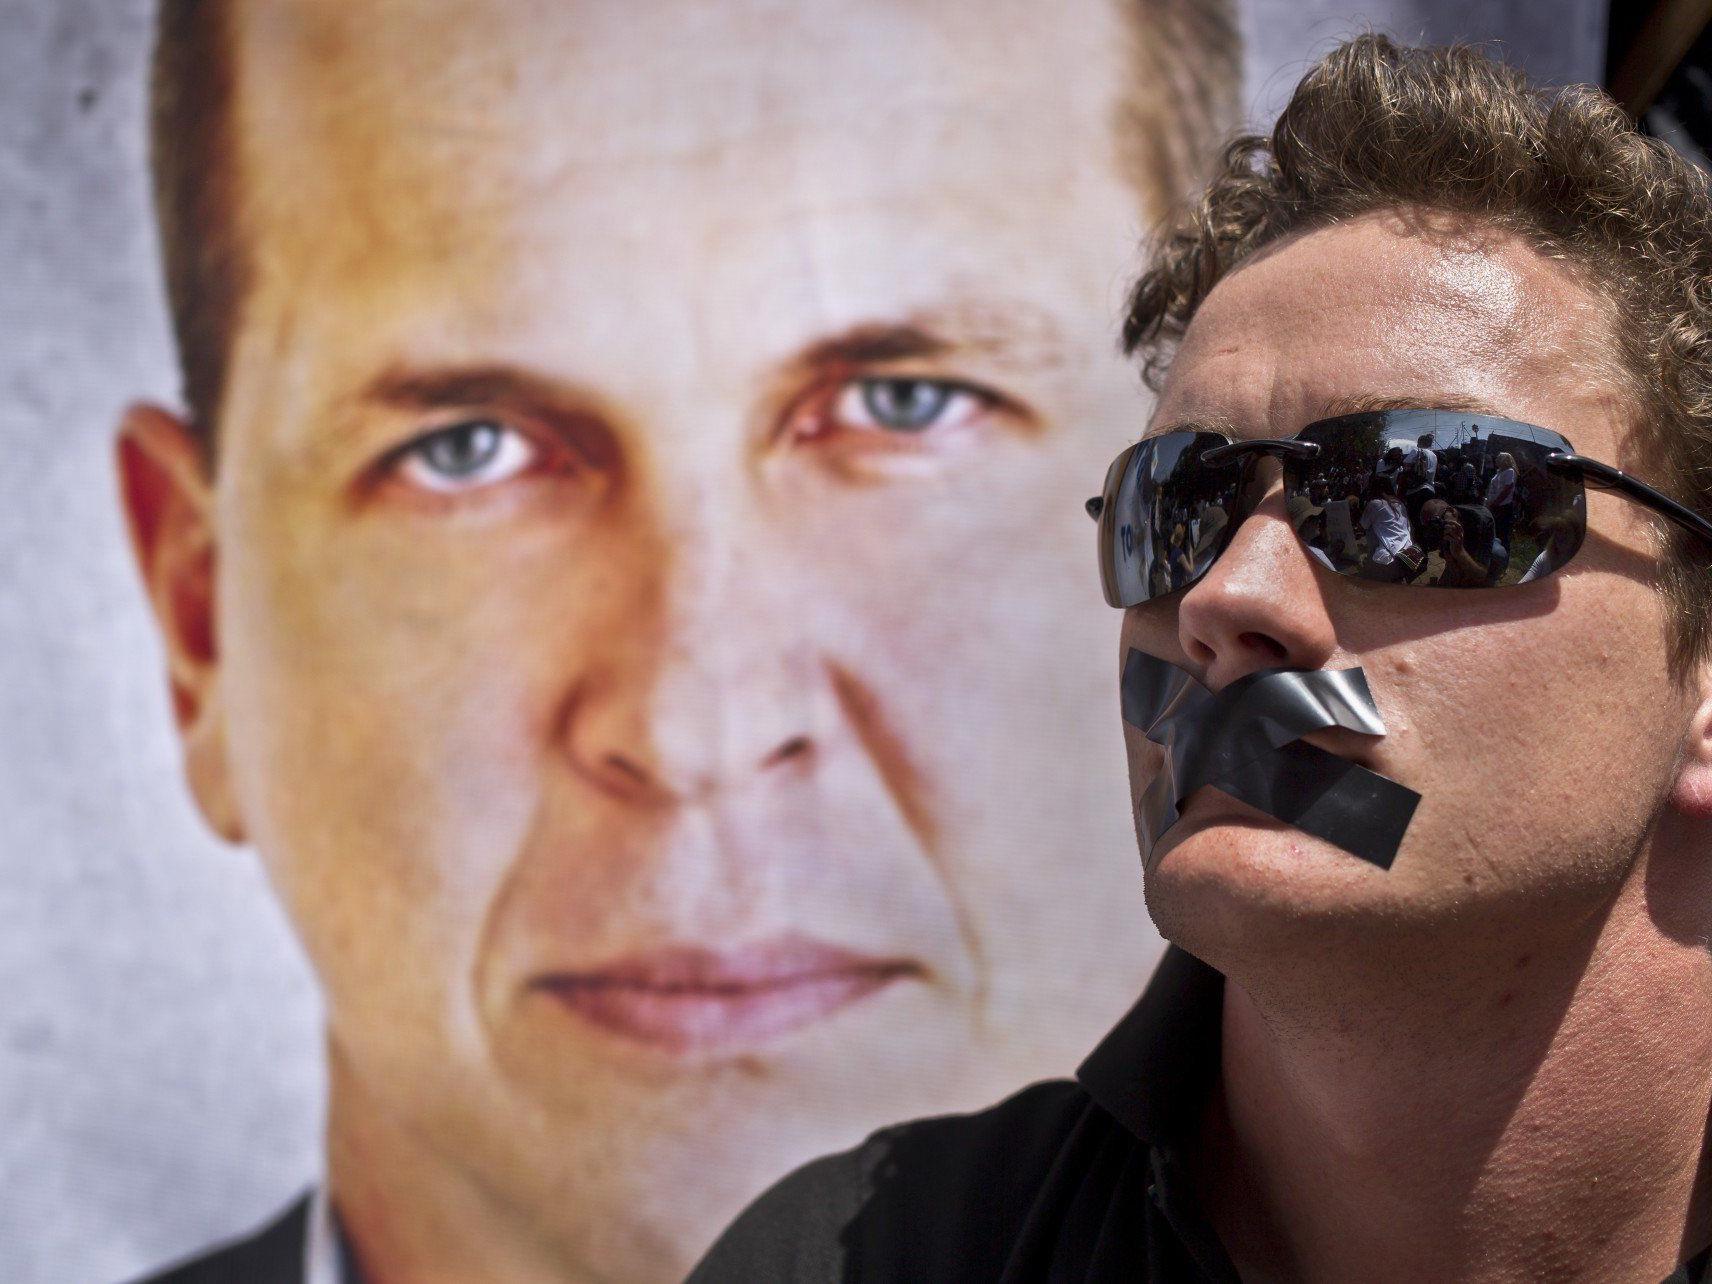 Mindestens drei Al-Jazeera-Mitarbeiter, unter ihnen der Australier Peter Greste, sind in Untersuchungshaft